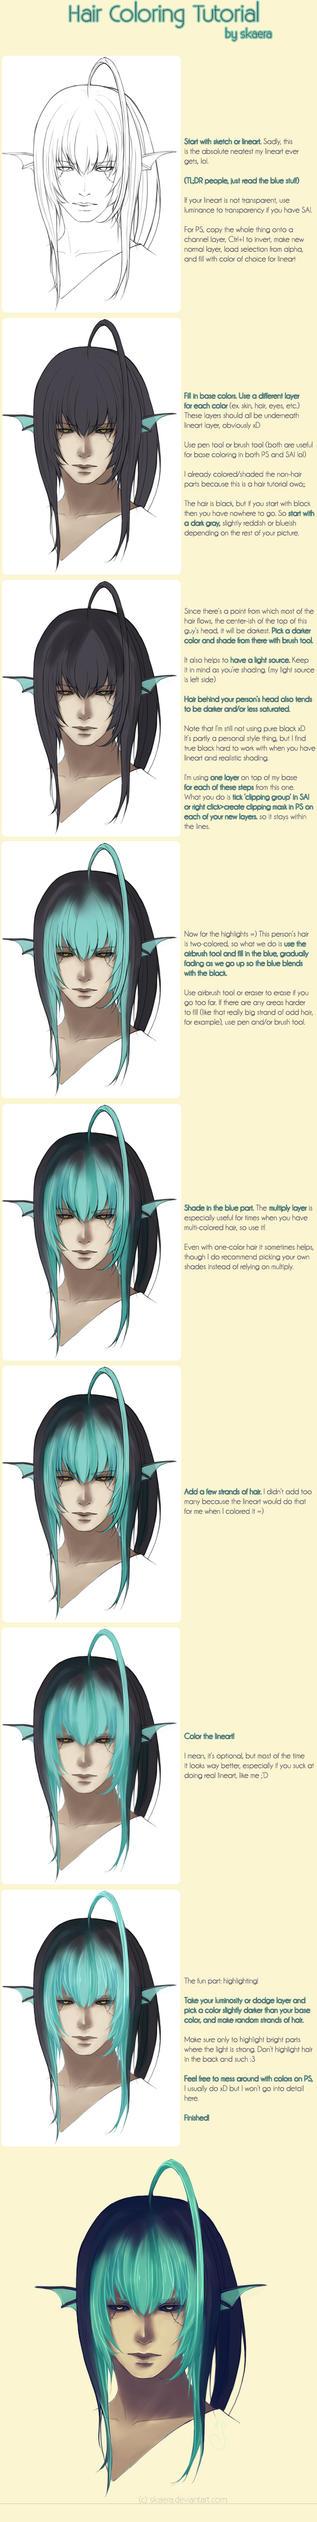 hair coloring tutorial by Skaera